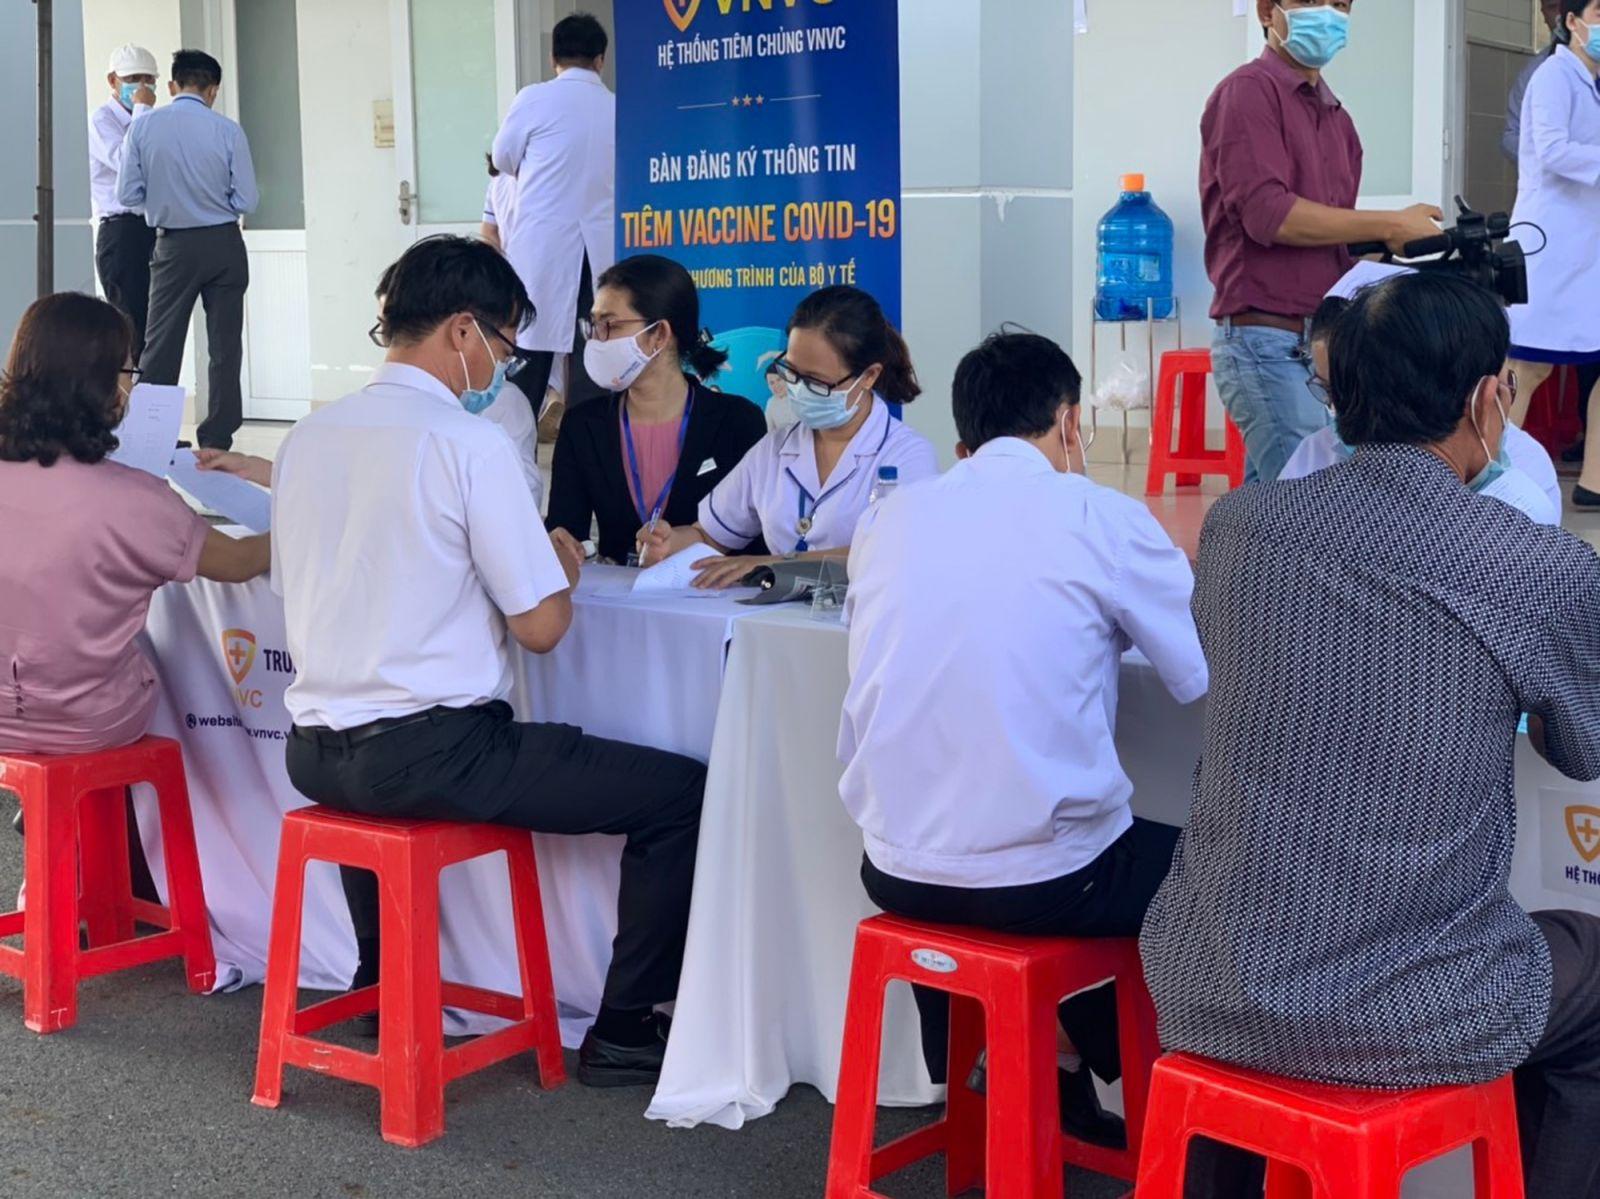 Tỉnh Bà Rịa - Vũng Tàu có gần 1 triệu người đăng ký mua vắc xin covid-19